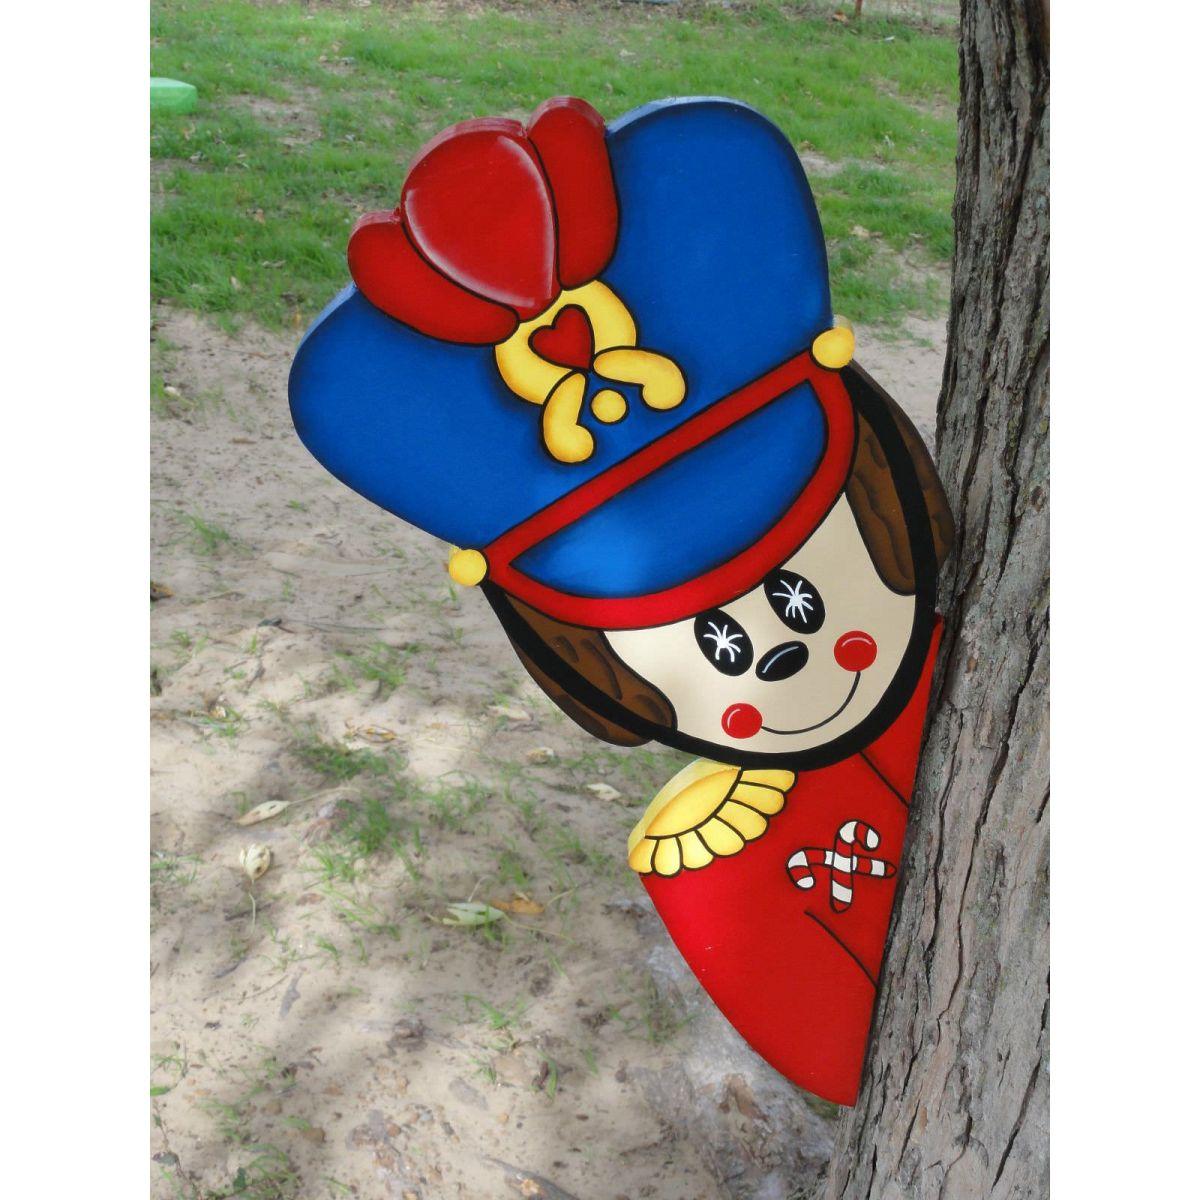 Ref: 115 - Decoração Color Mdf Soldado de Chumbo Escondido atrás da Árvore